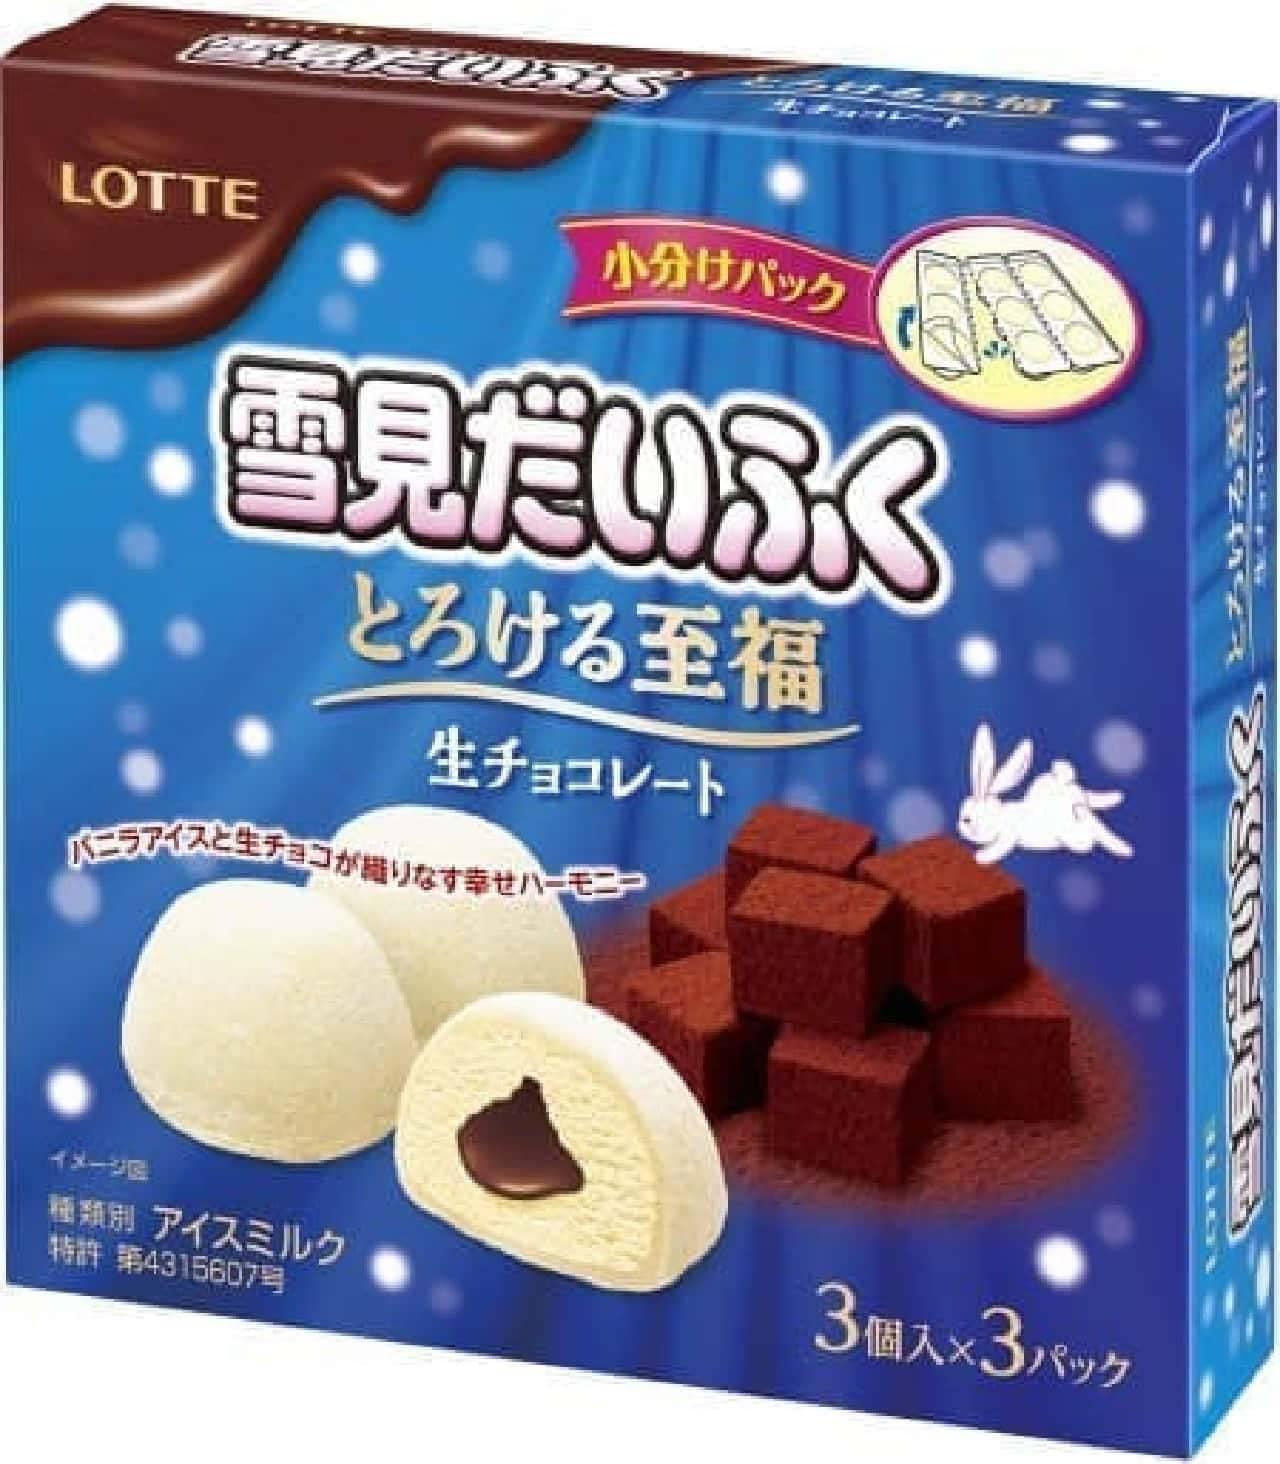 ロッテアイス「雪見だいふく とろける至福 生チョコレート」